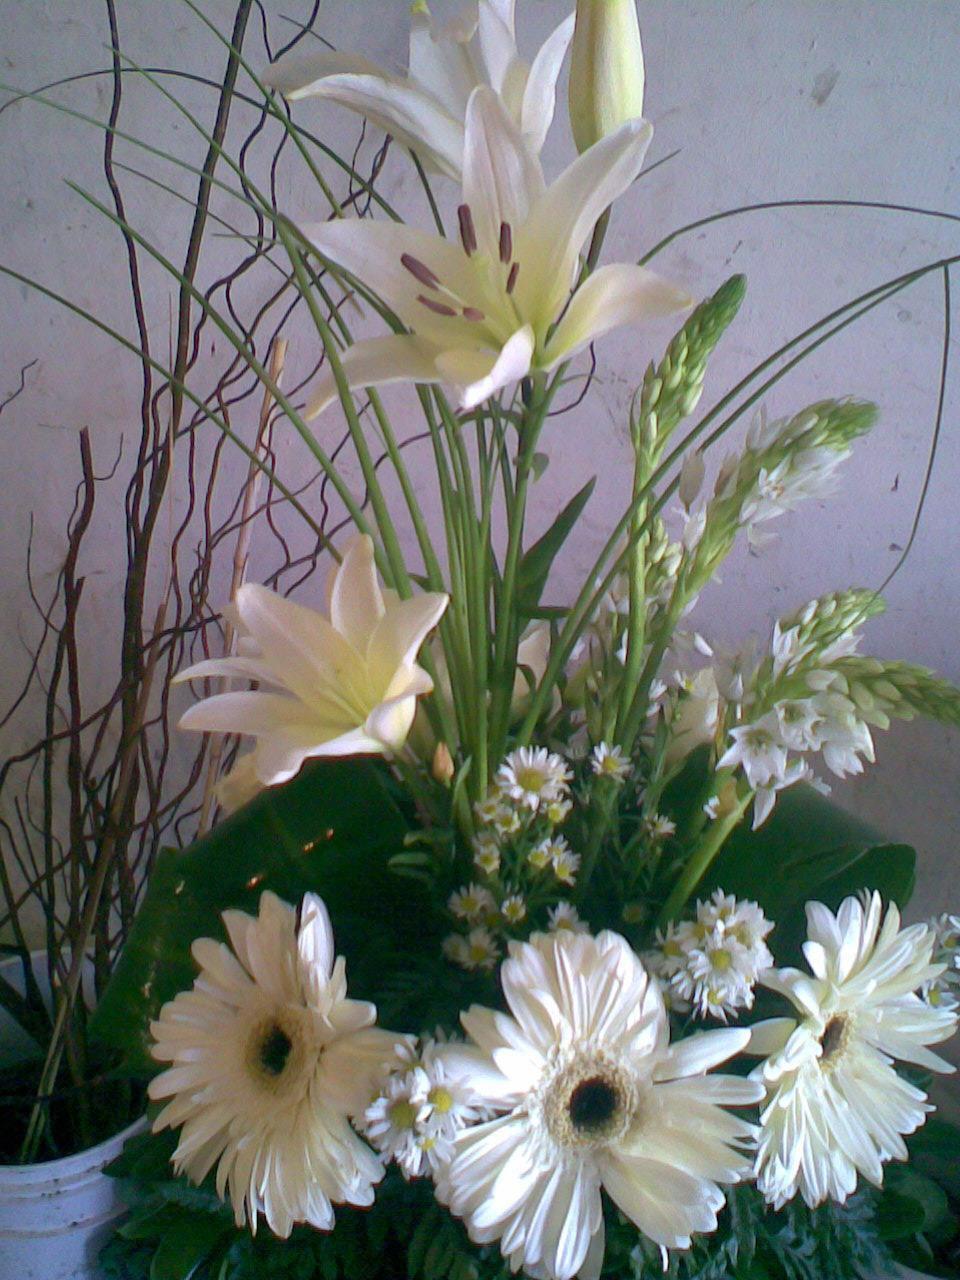 Arreglos Florales Modernos Gallery Of Arreglo Floral Resplandor - Centros-florales-modernos